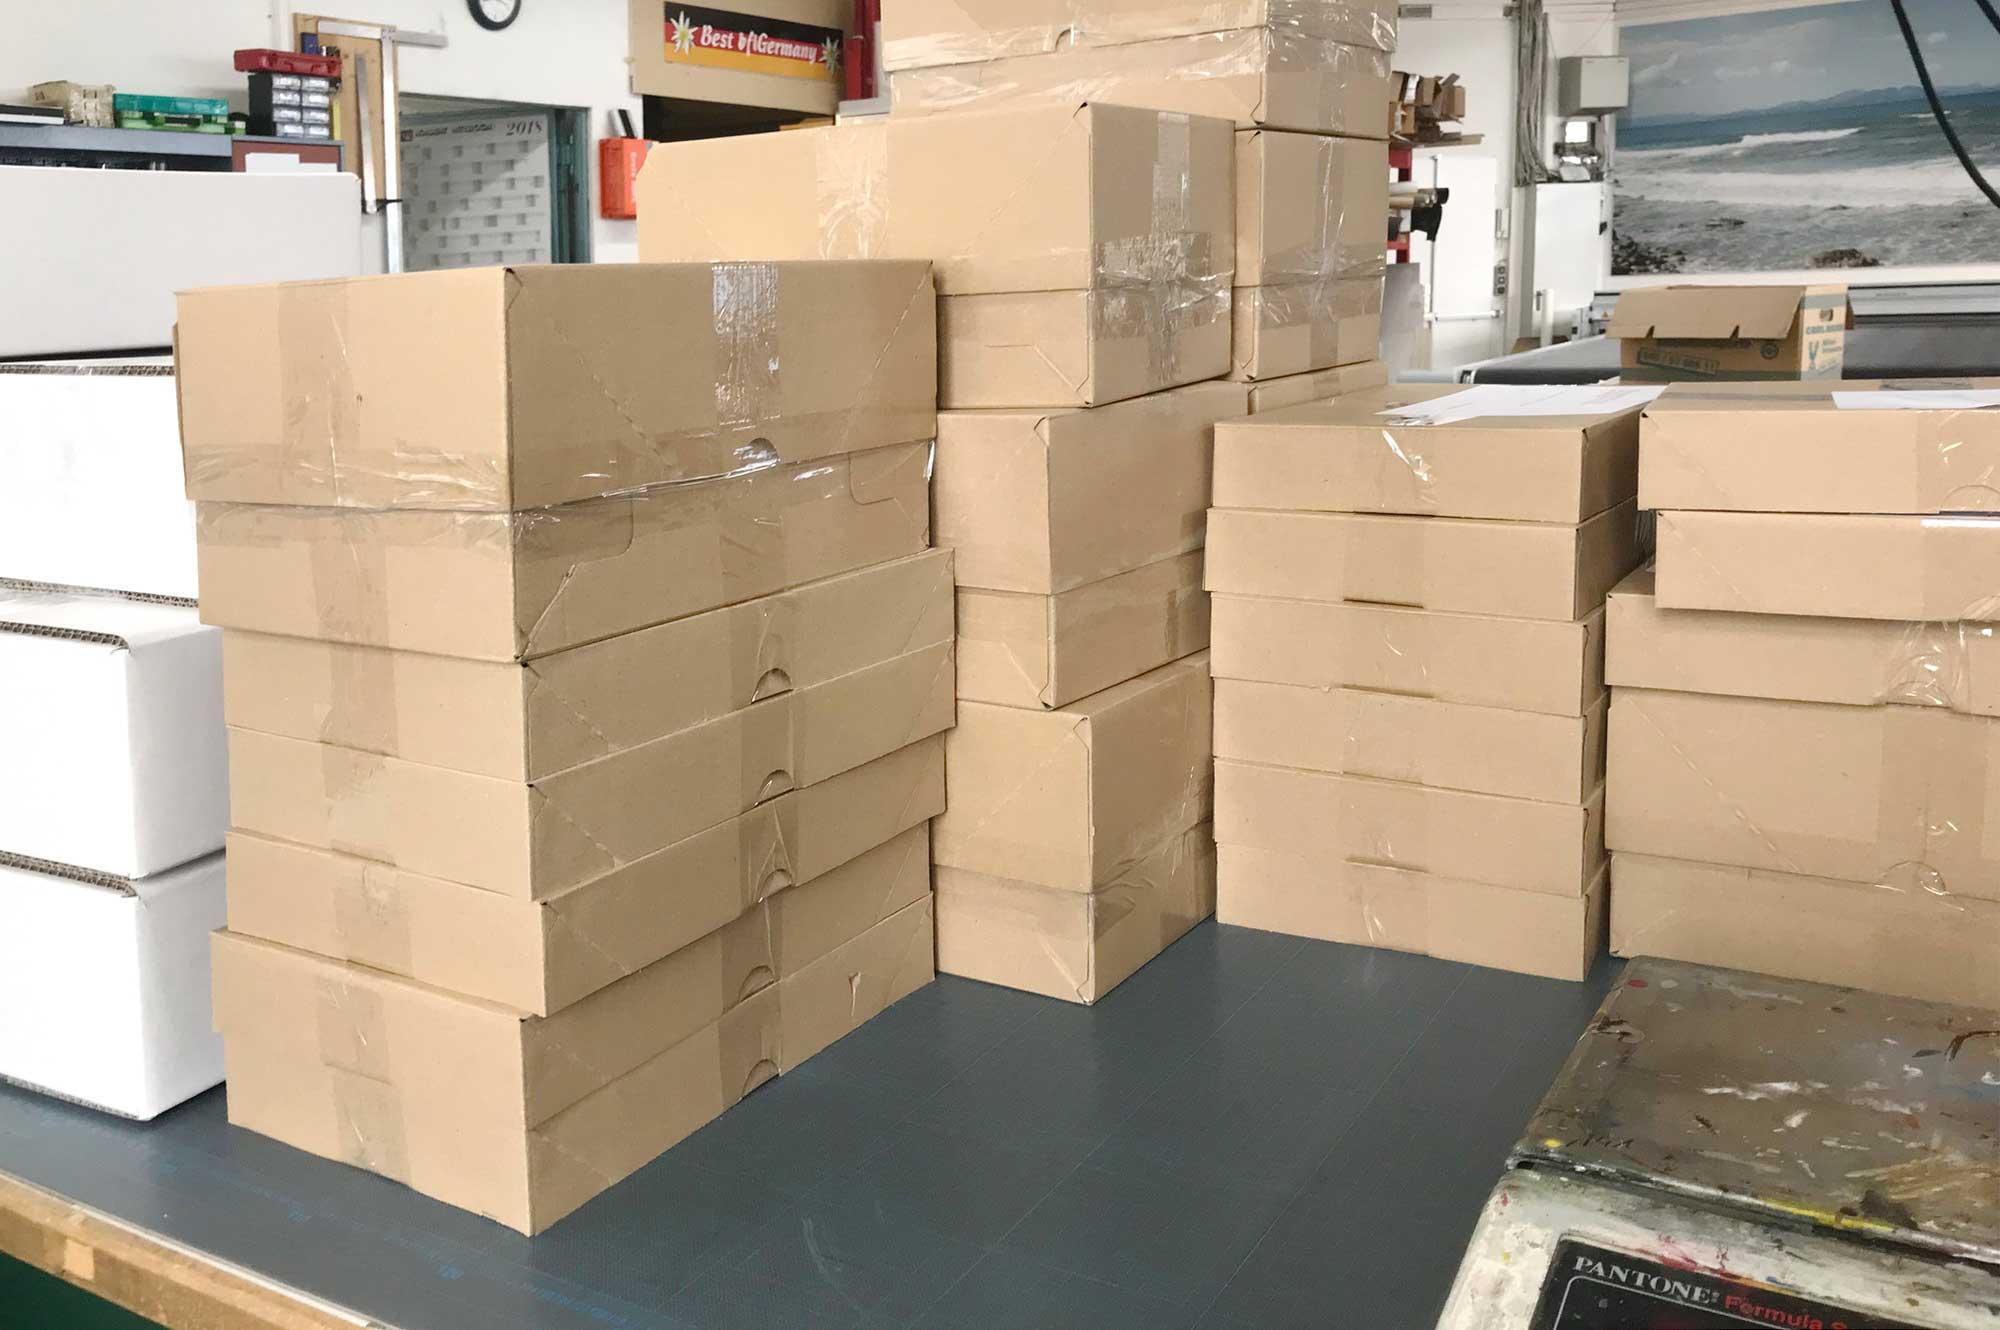 Für den Versand vorbereitete Kartons © Atelier Haase - Foto: Katharina Hansen-Gluschitz